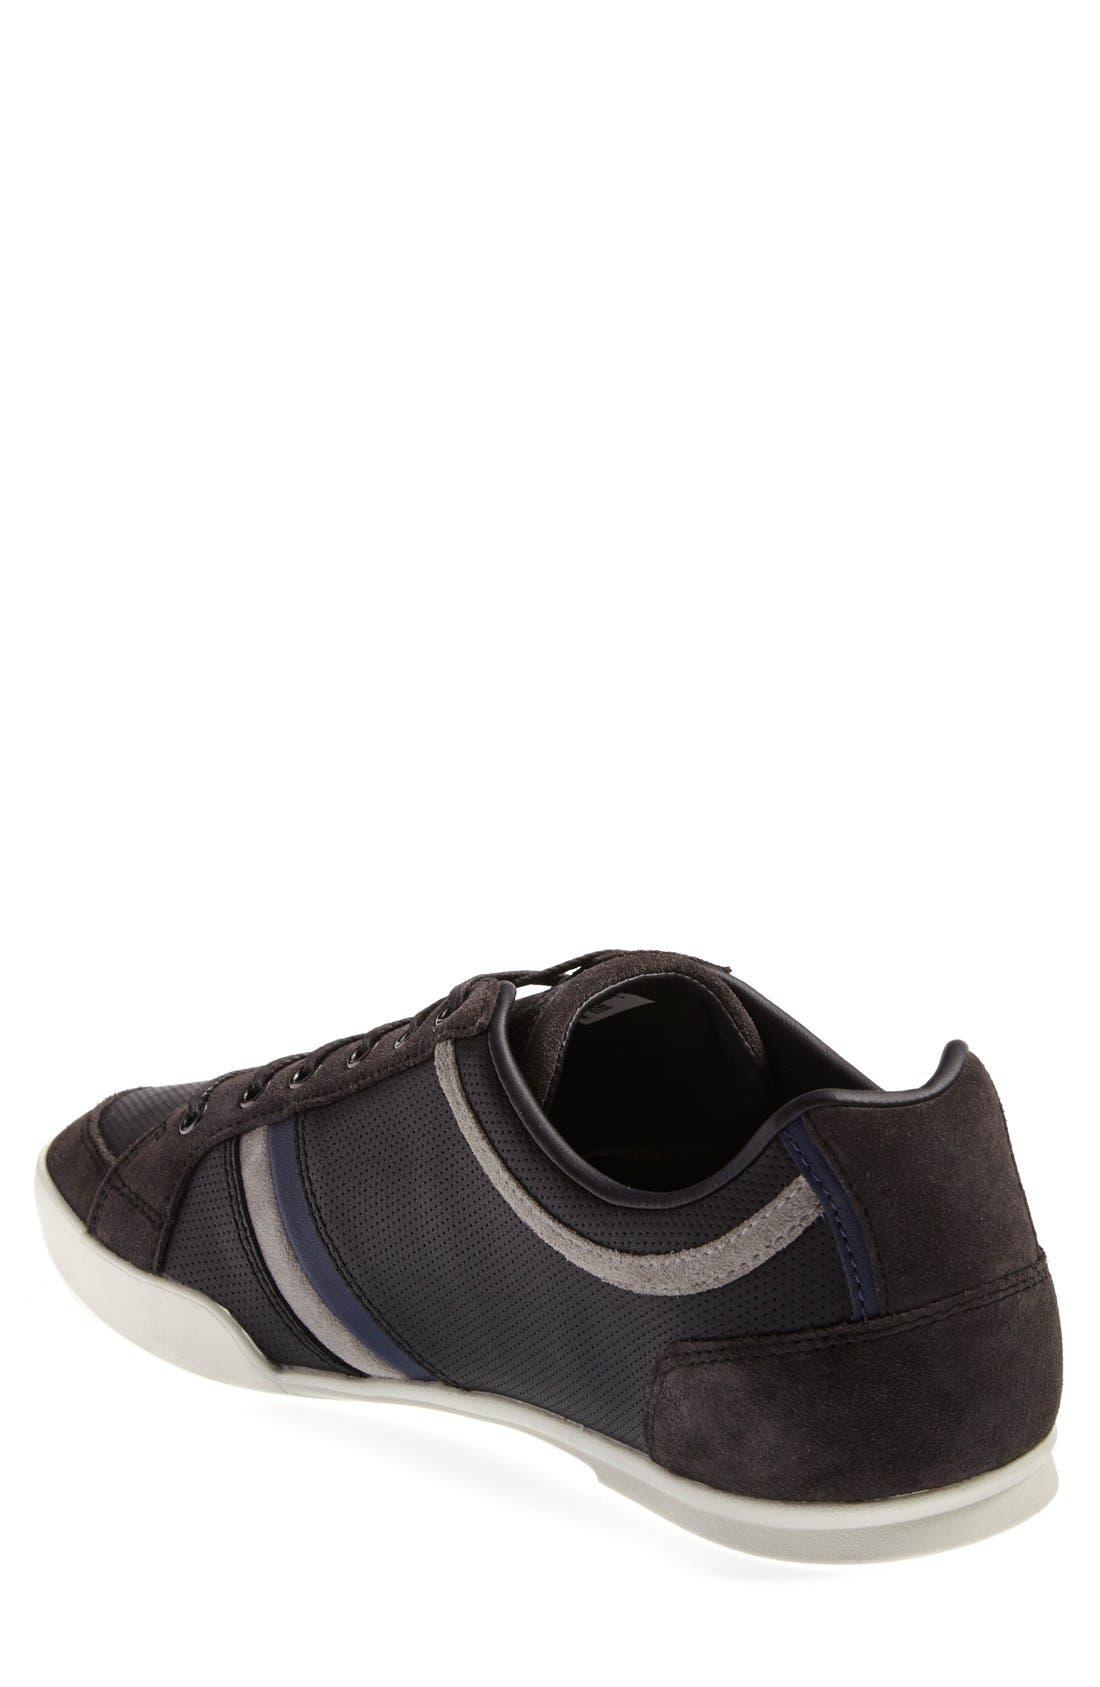 Alternate Image 2  - Lacoste 'Rayford 6' Sneaker (Men)